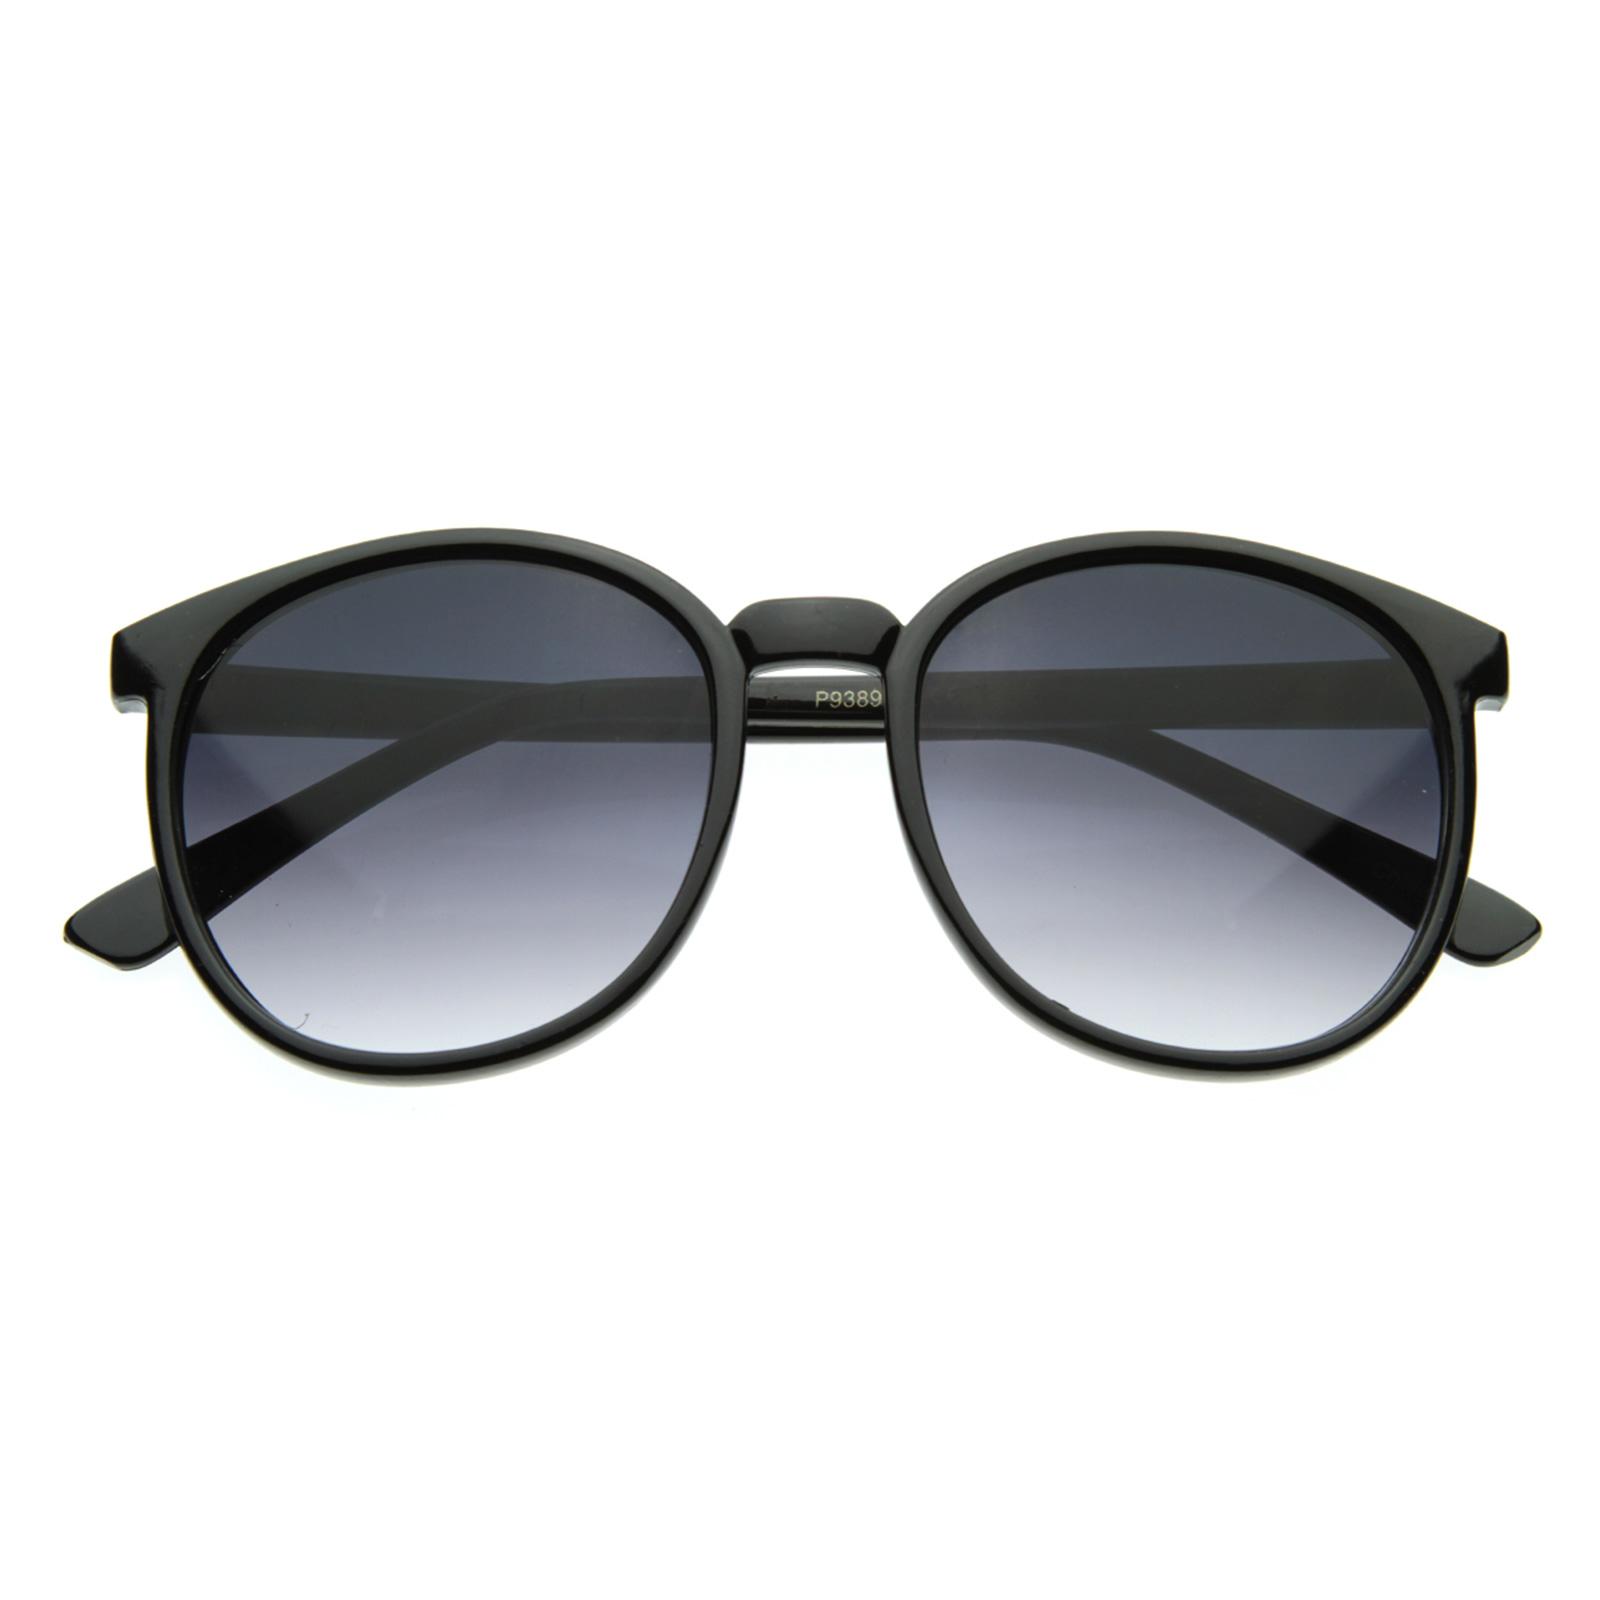 Large Vintage Sunglasses 45